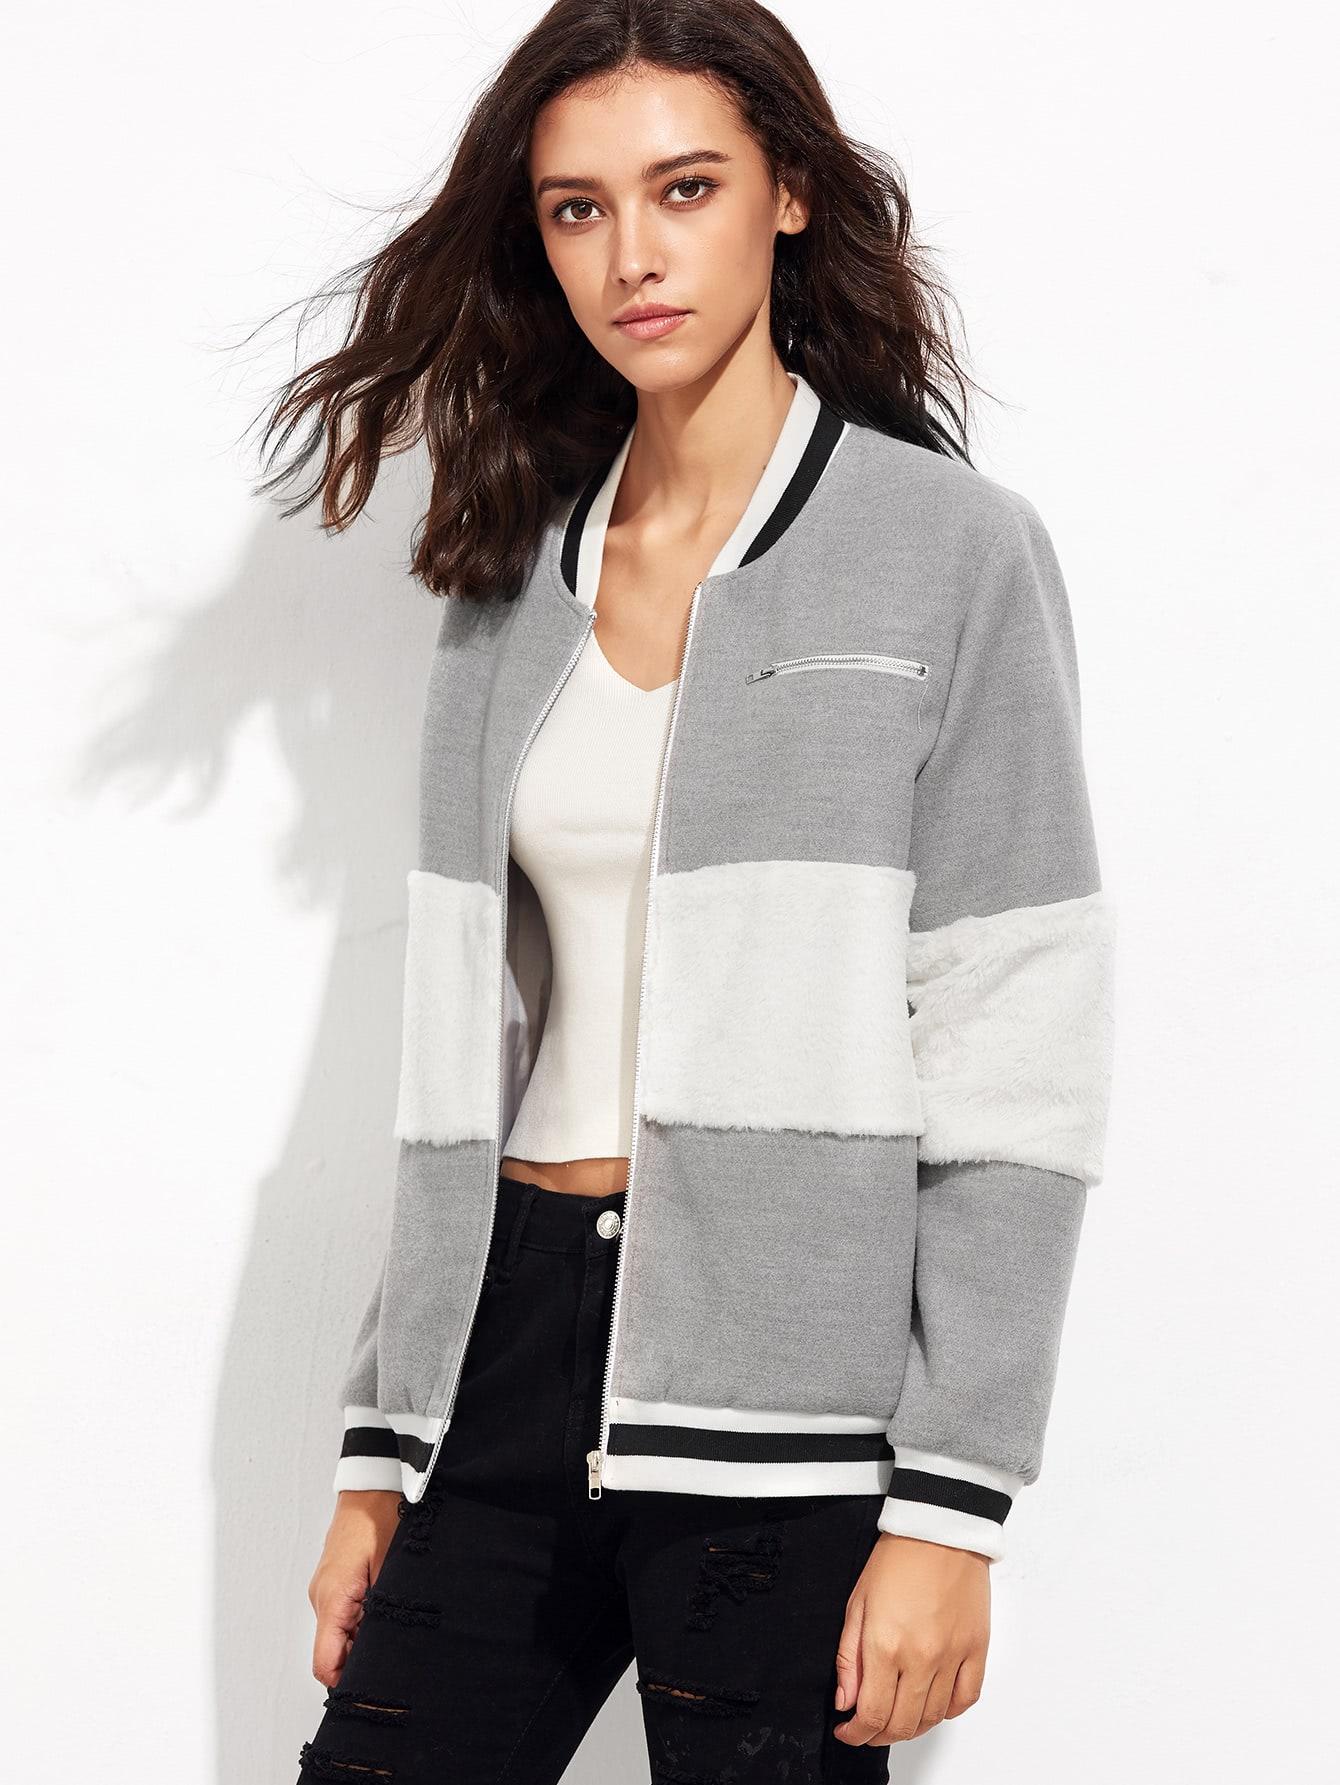 jacket160908703_2